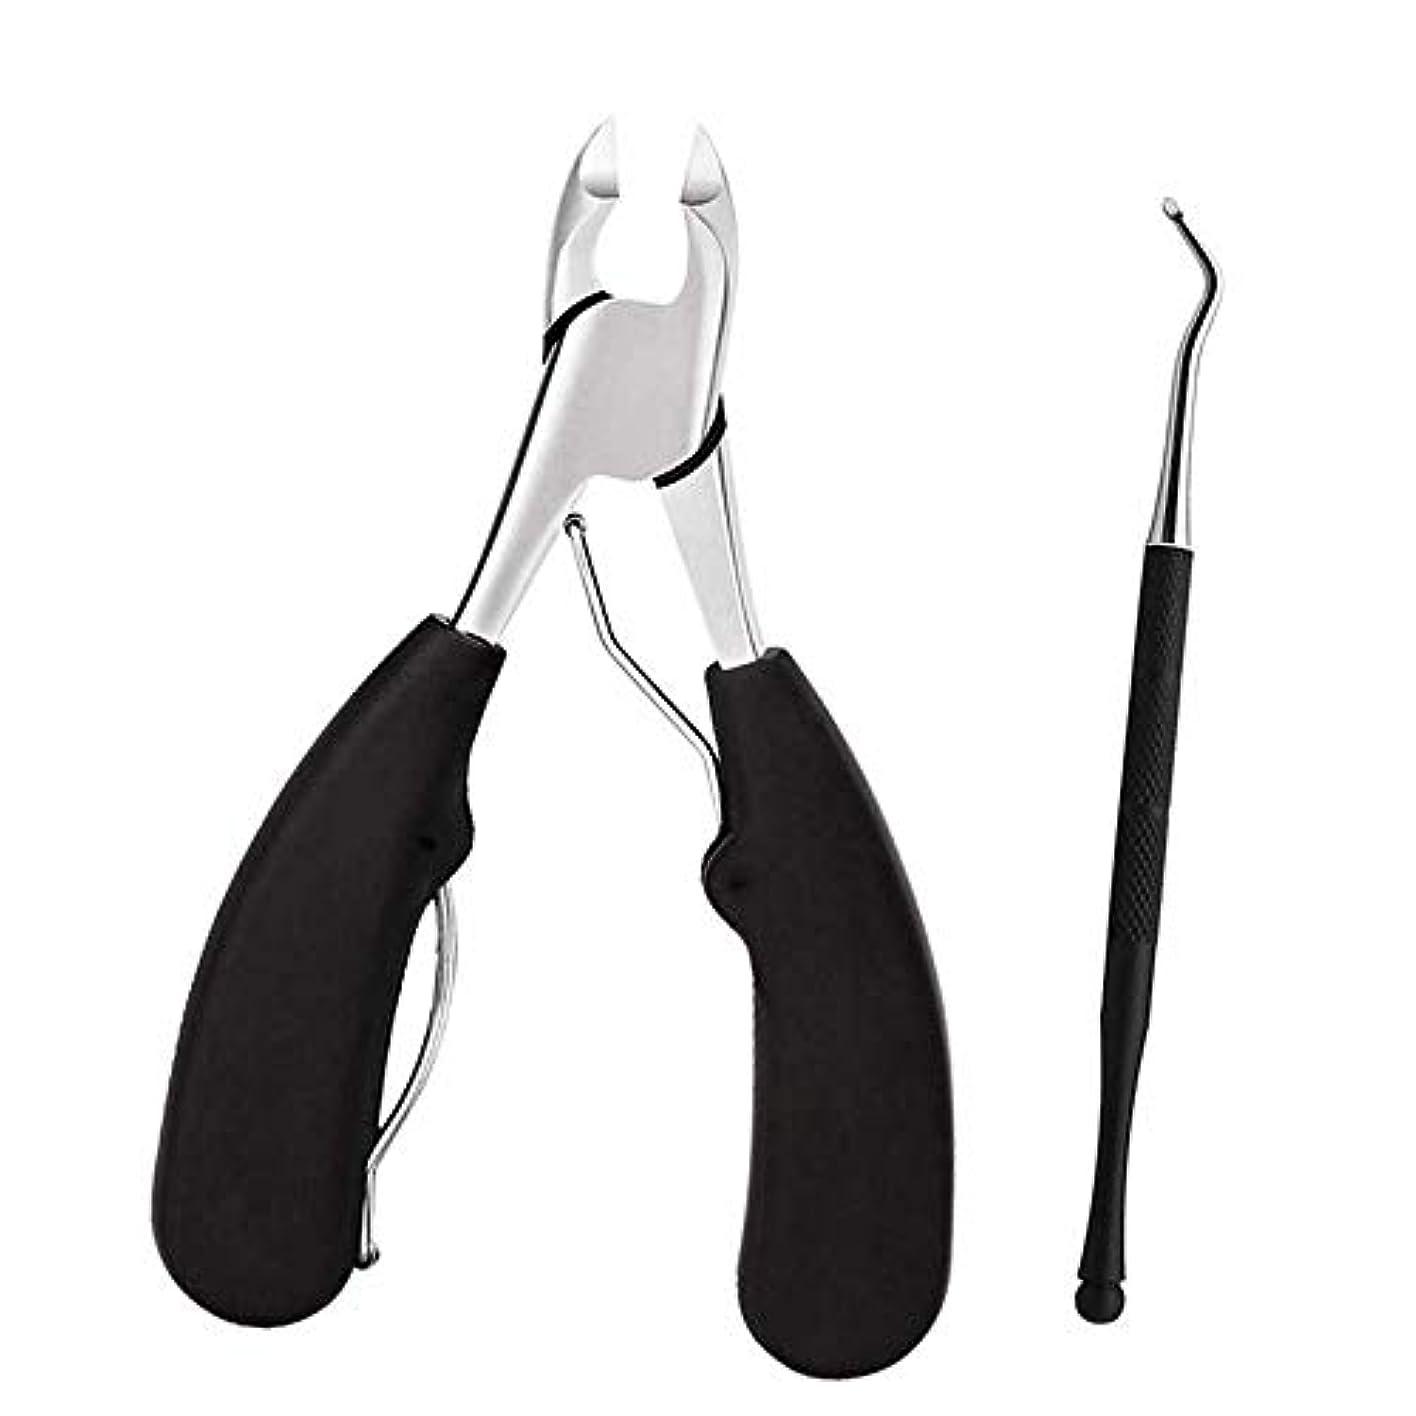 移行するぐるぐる骨折ALSKY 爪切り,収納ボックス付き, 陥入爪用の、厚い爪、巻き爪、変形爪、爪周囲炎、陥入爪、爪白癬に- 医療用ステンレス製爪きり